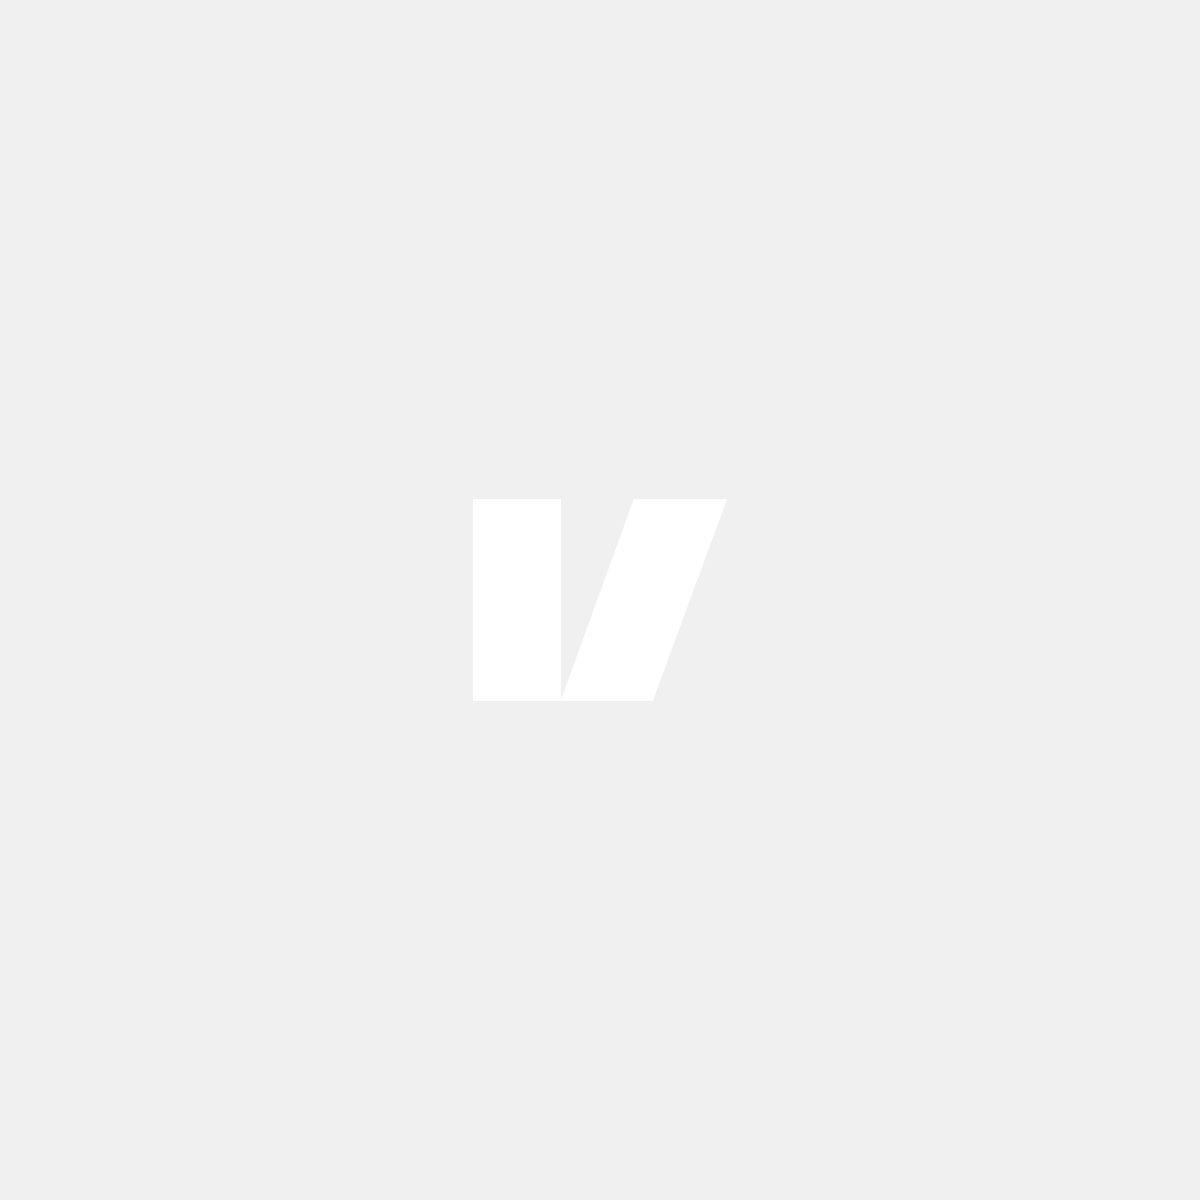 Blanksvart dimljusgaller till Volvo V70 08-13, förarsidan